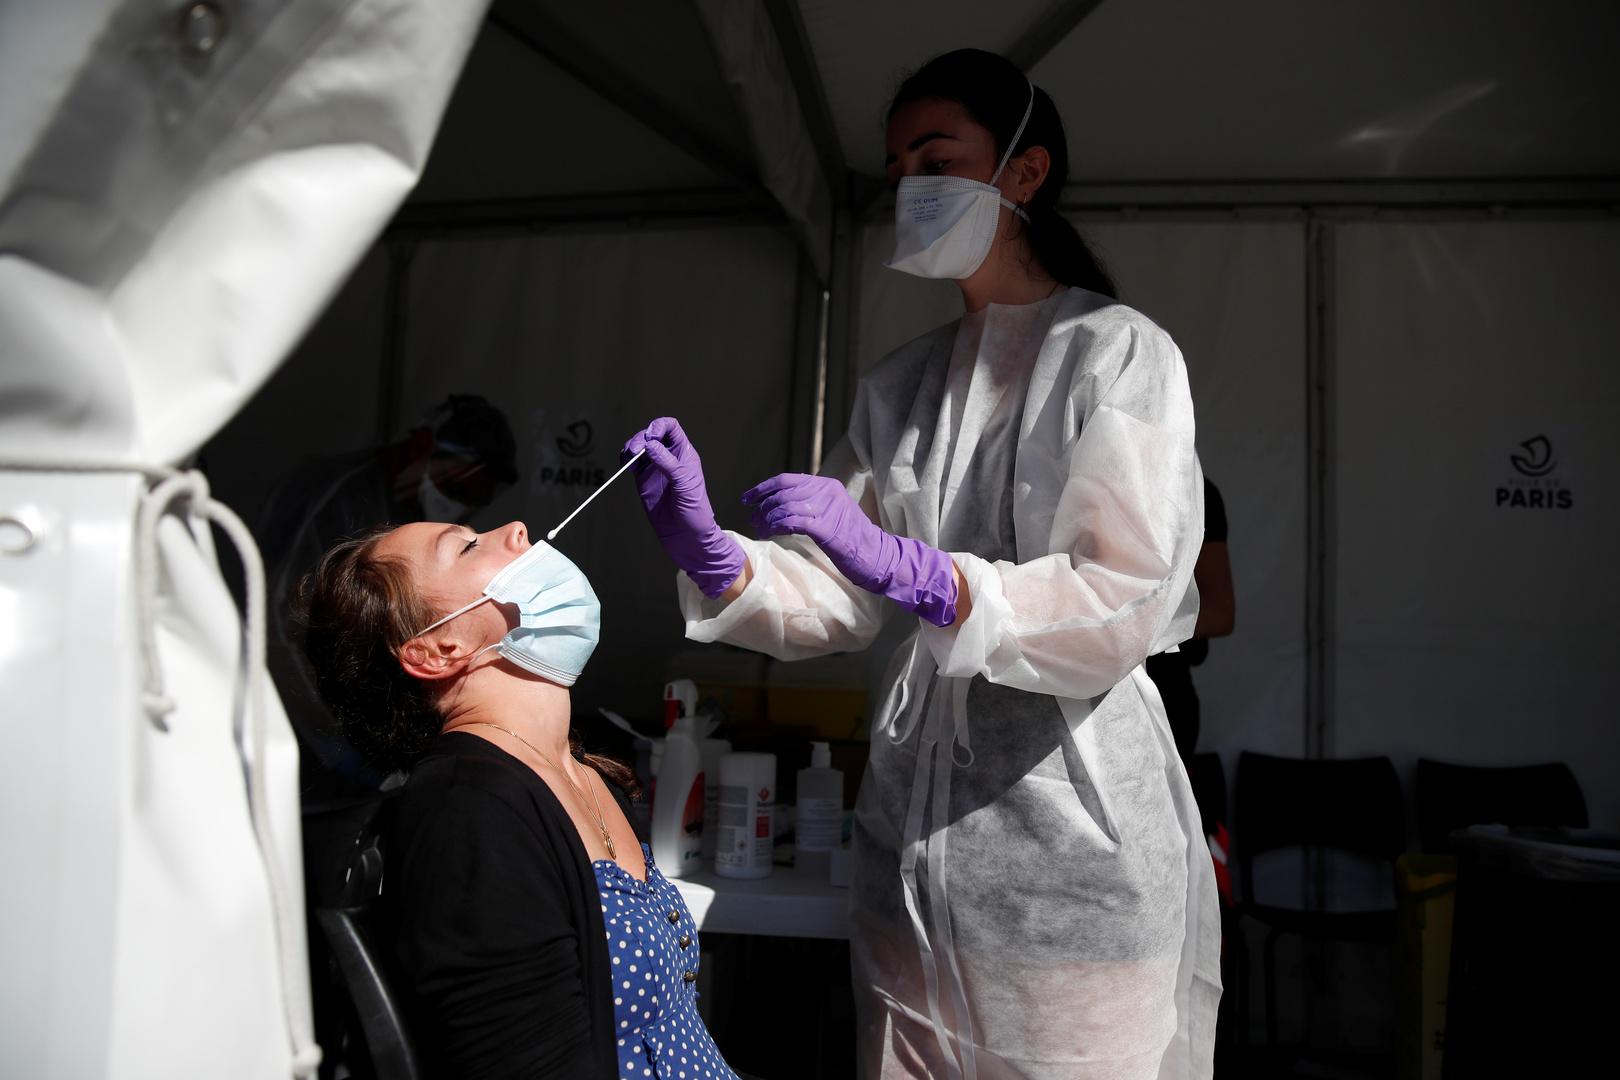 فرنسا.. استمرار ارتفاع حصيلة مرضى كورونا في المستشفيات